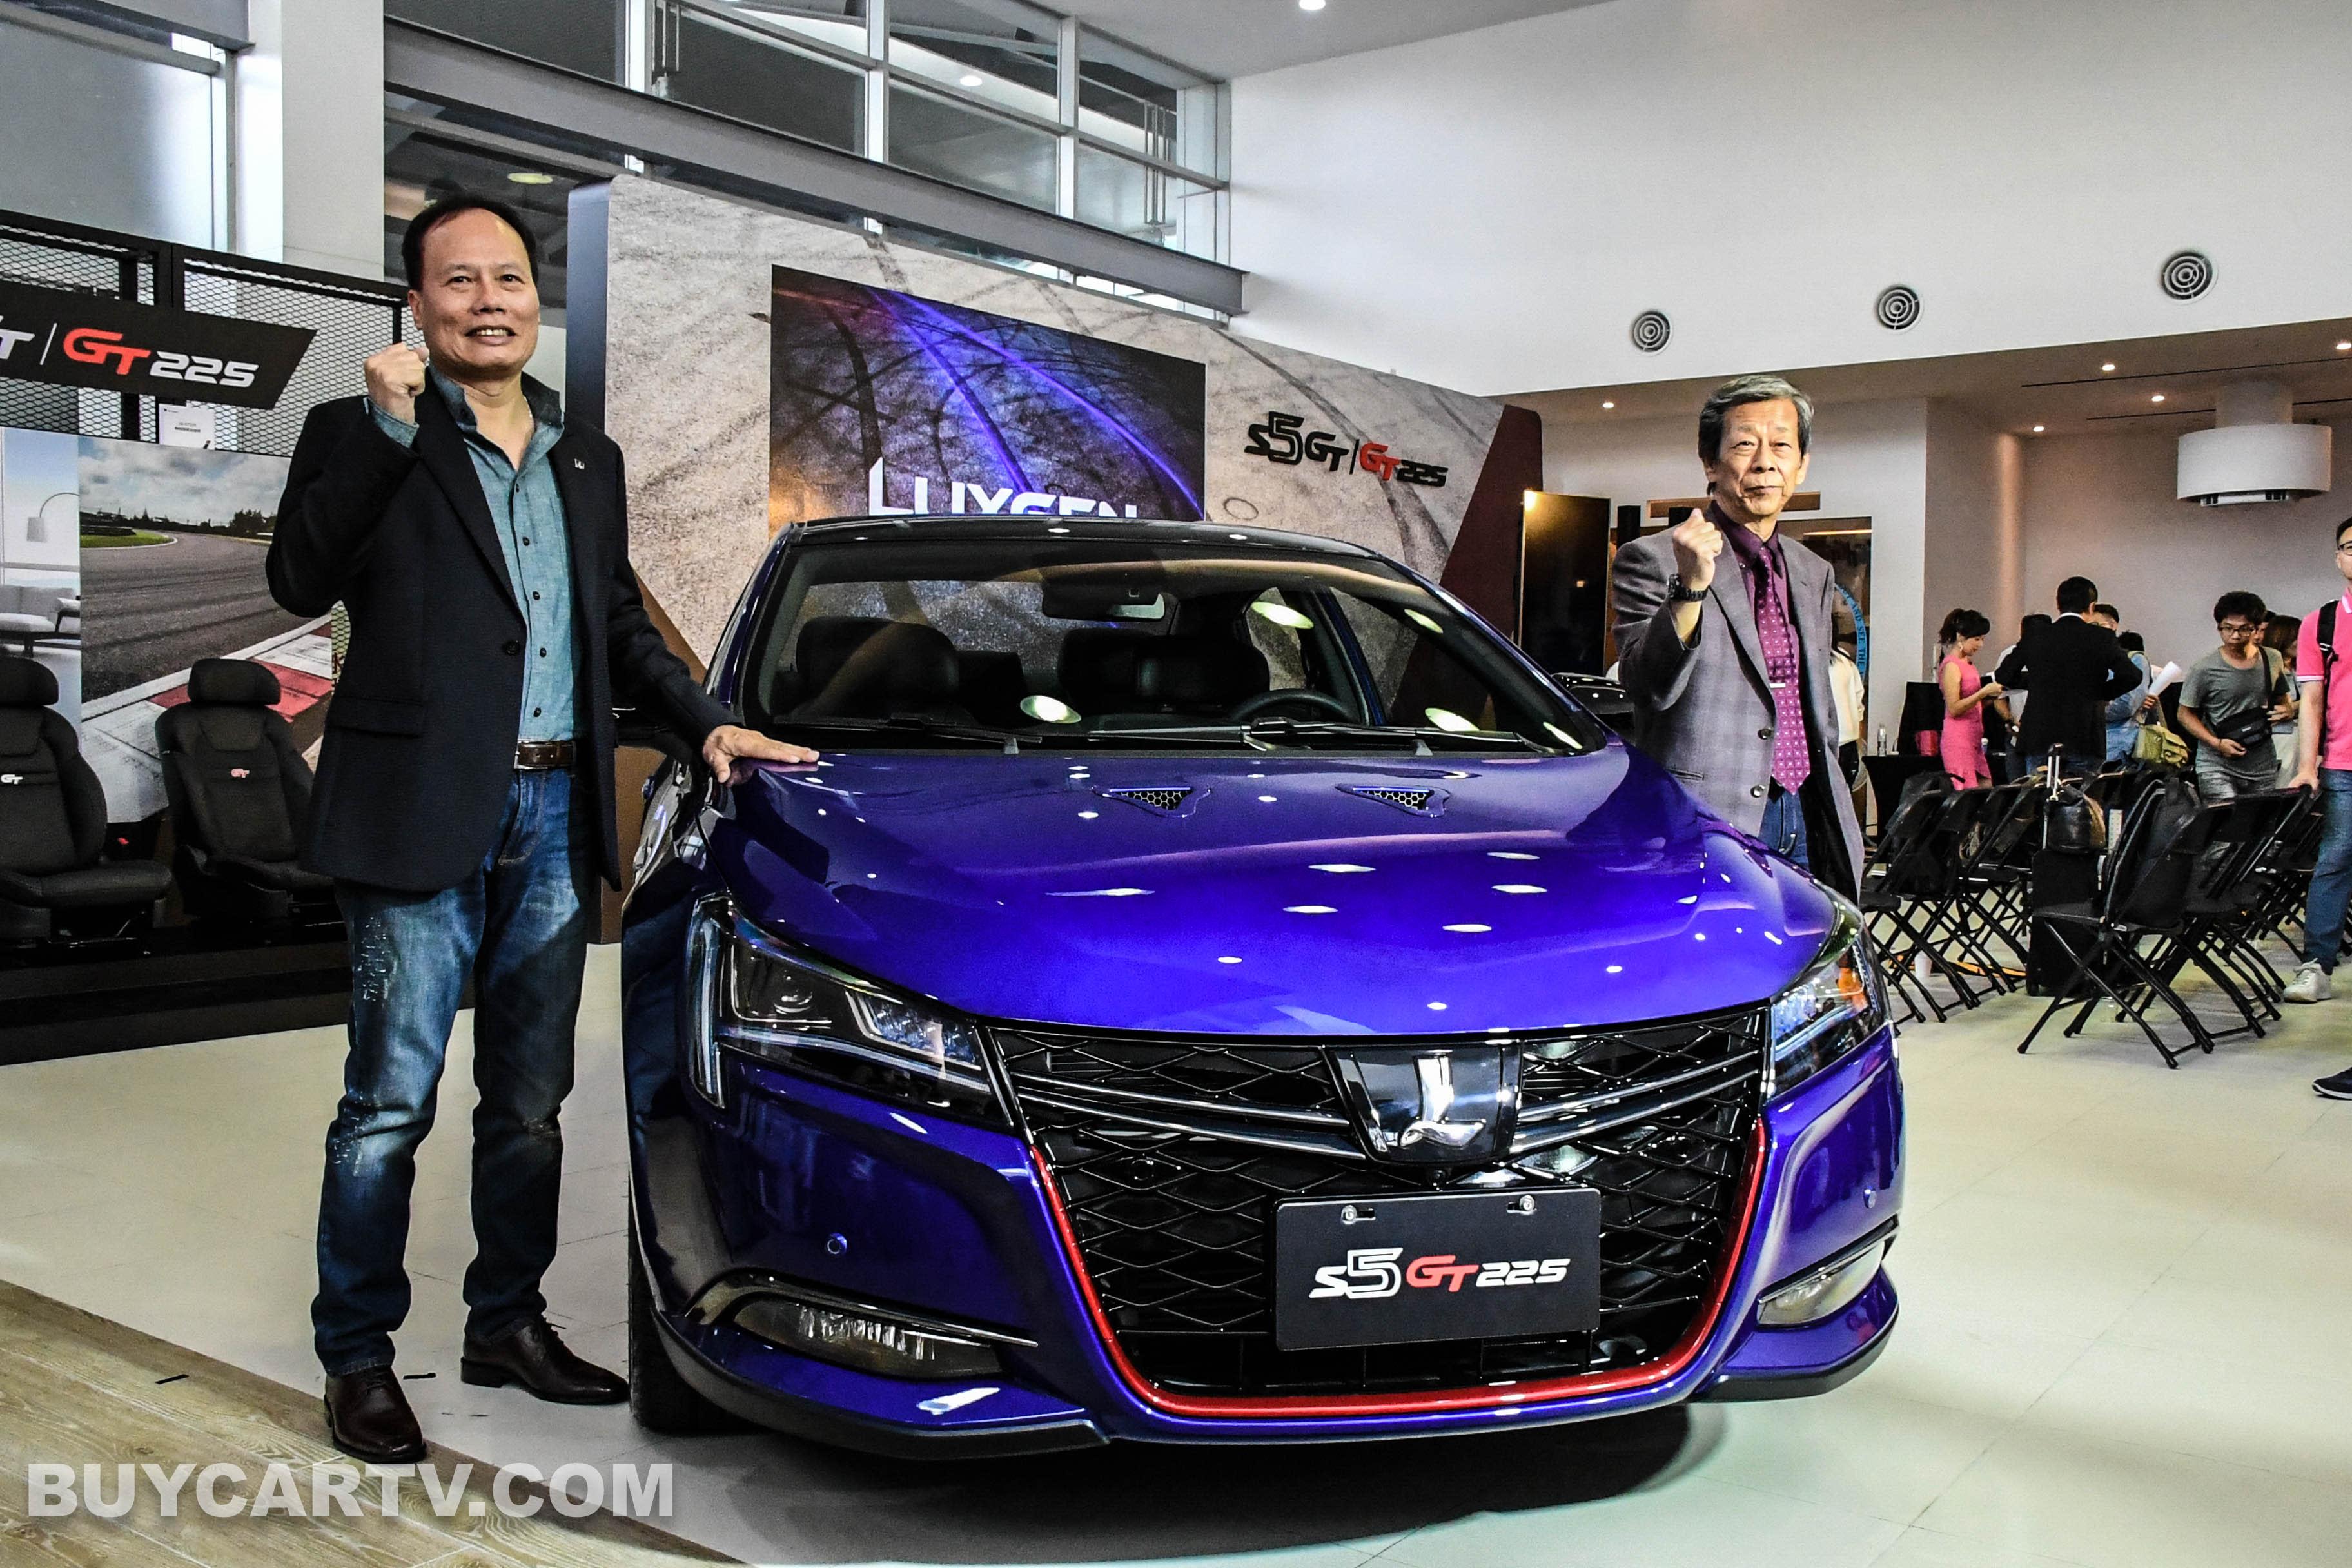 生於賽道!智慧國產跑房 Luxgen S5 GT/GT225 新車上市